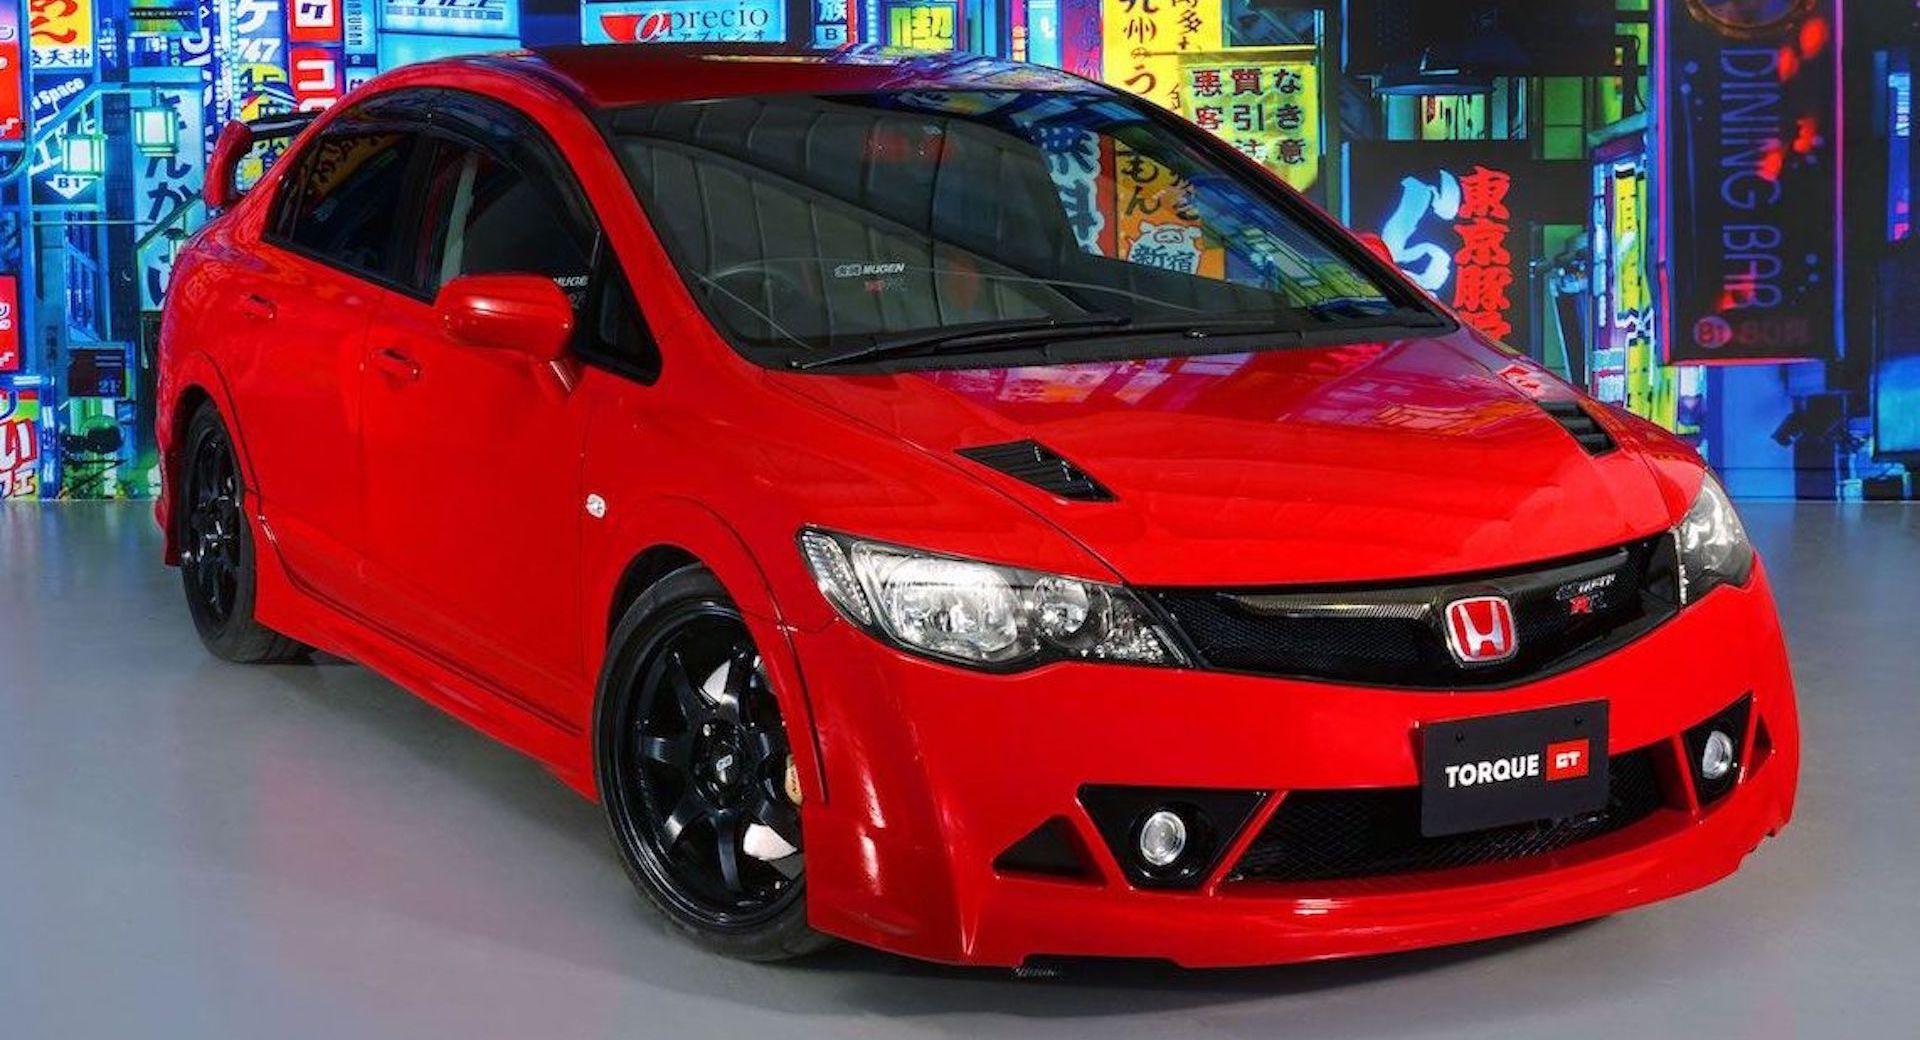 Honda-Civic-Mugen-RR-3